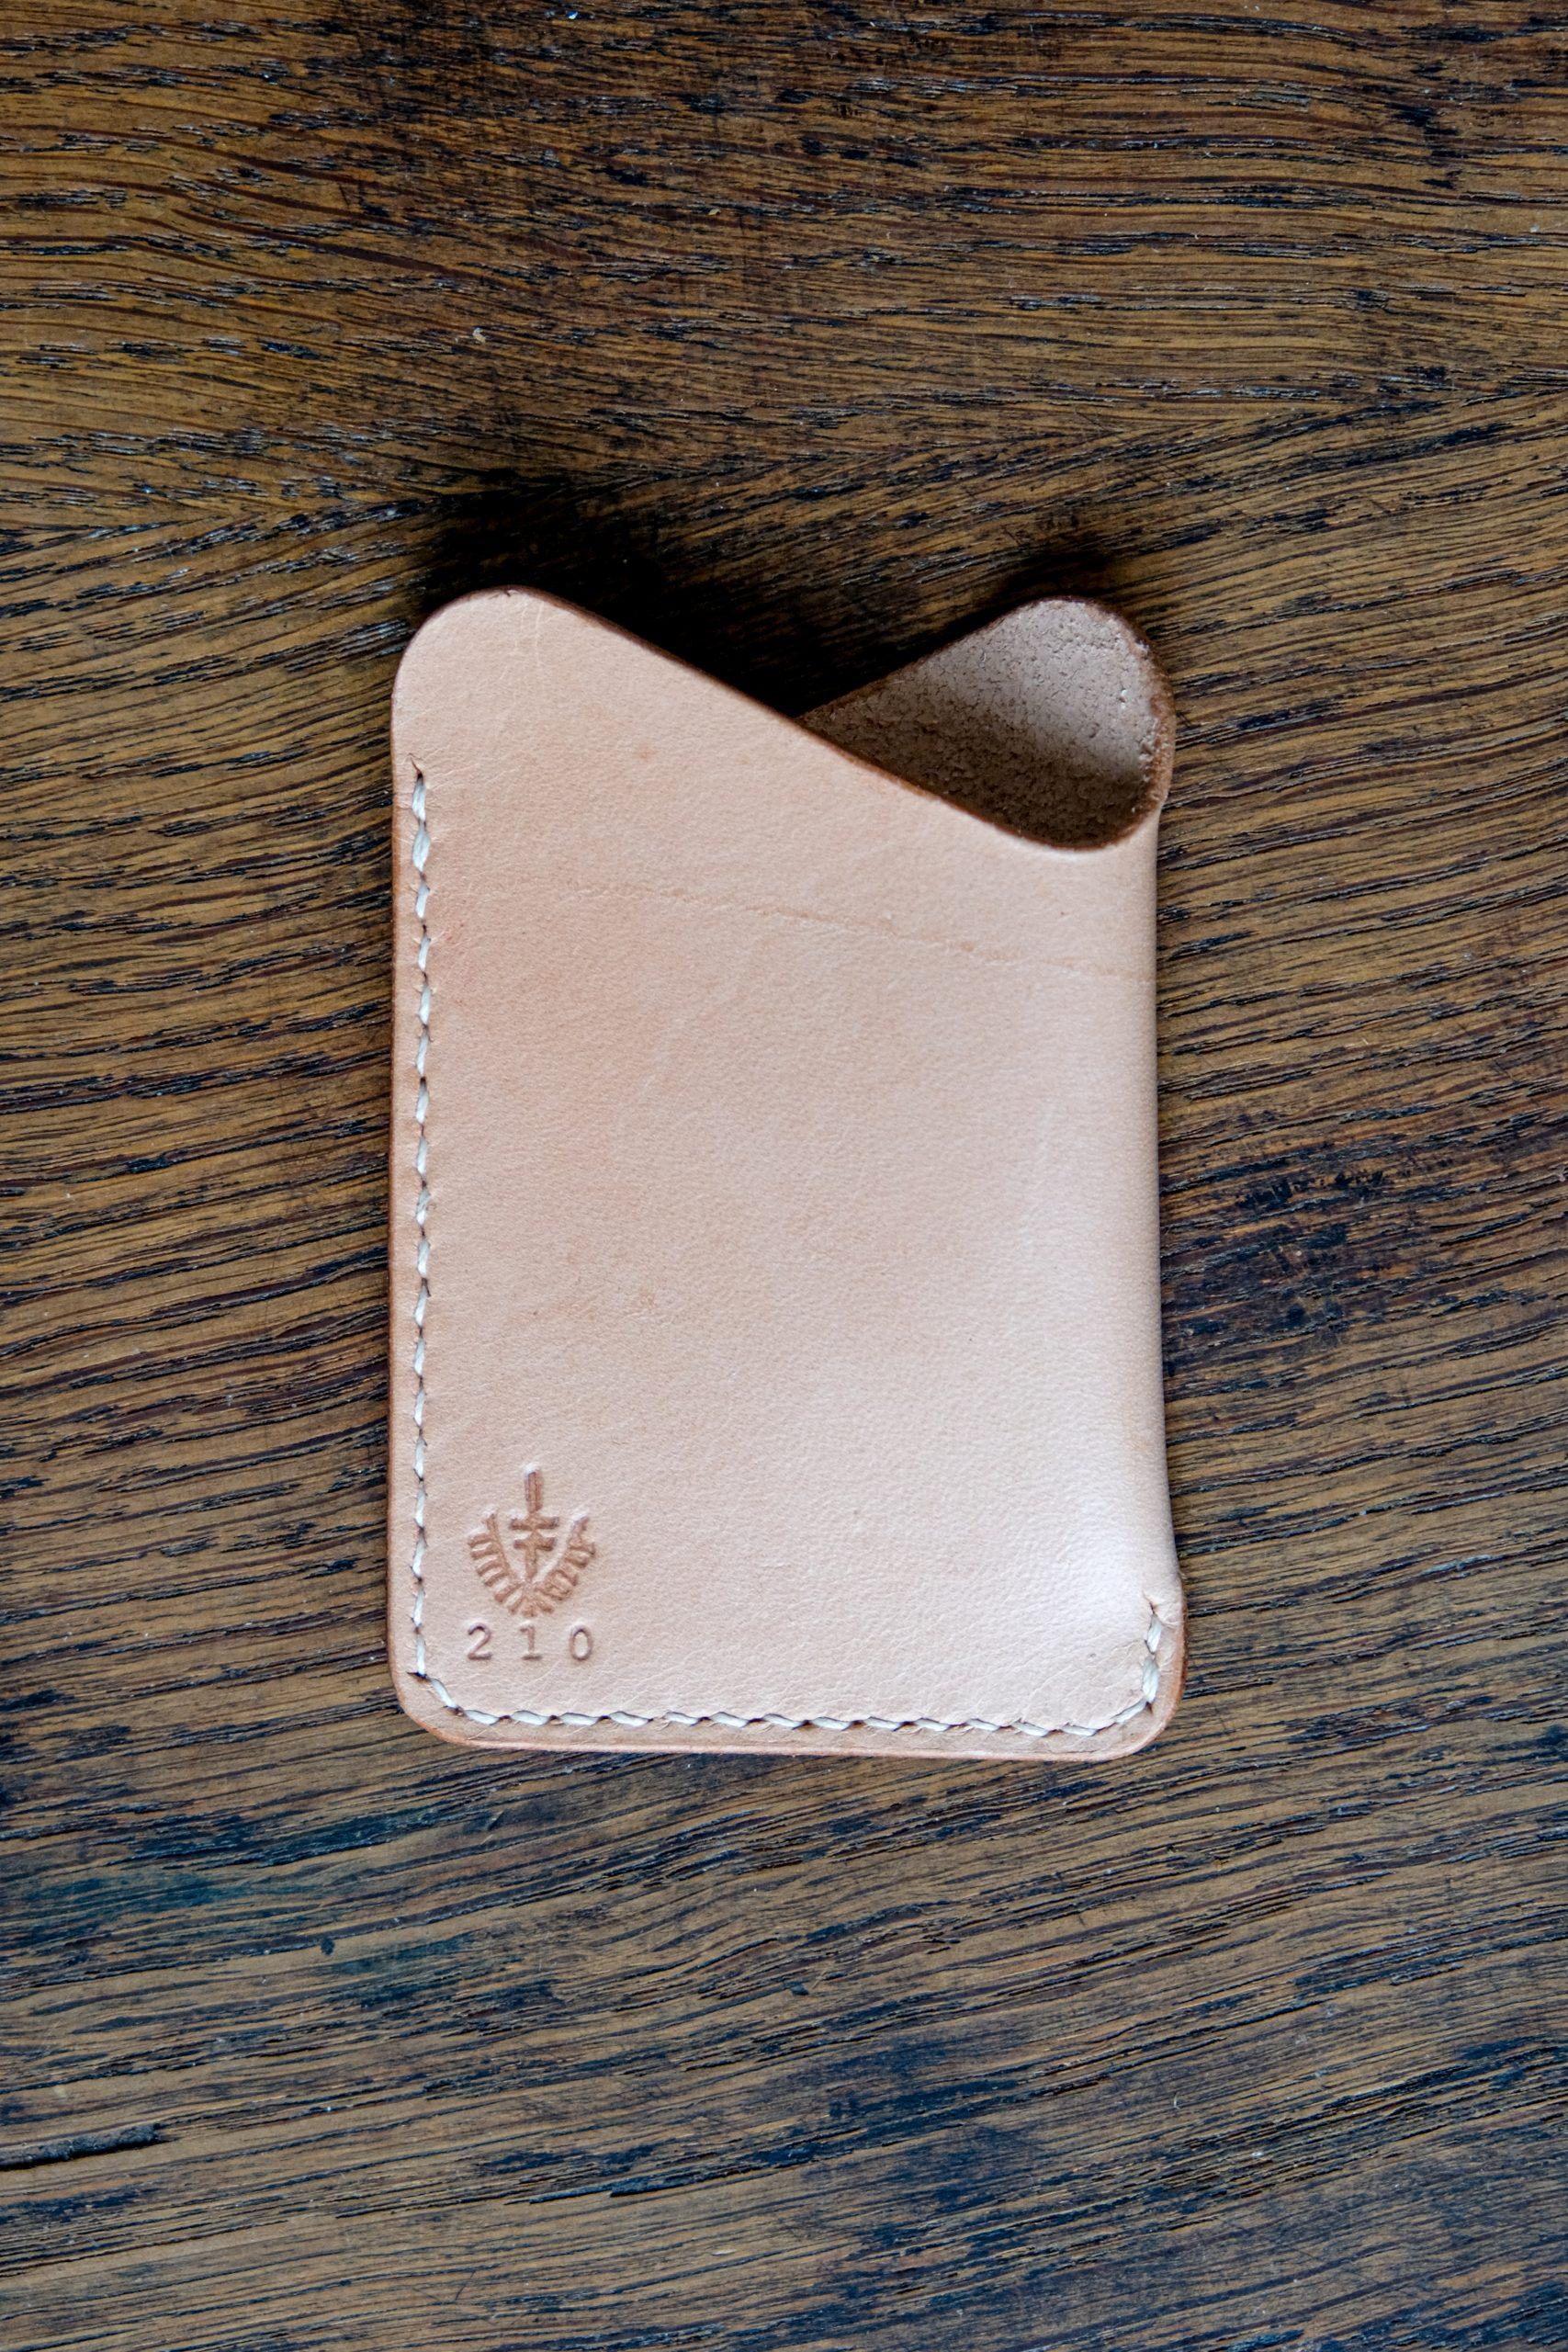 lerif designs leather wave cardholder natural on wood background